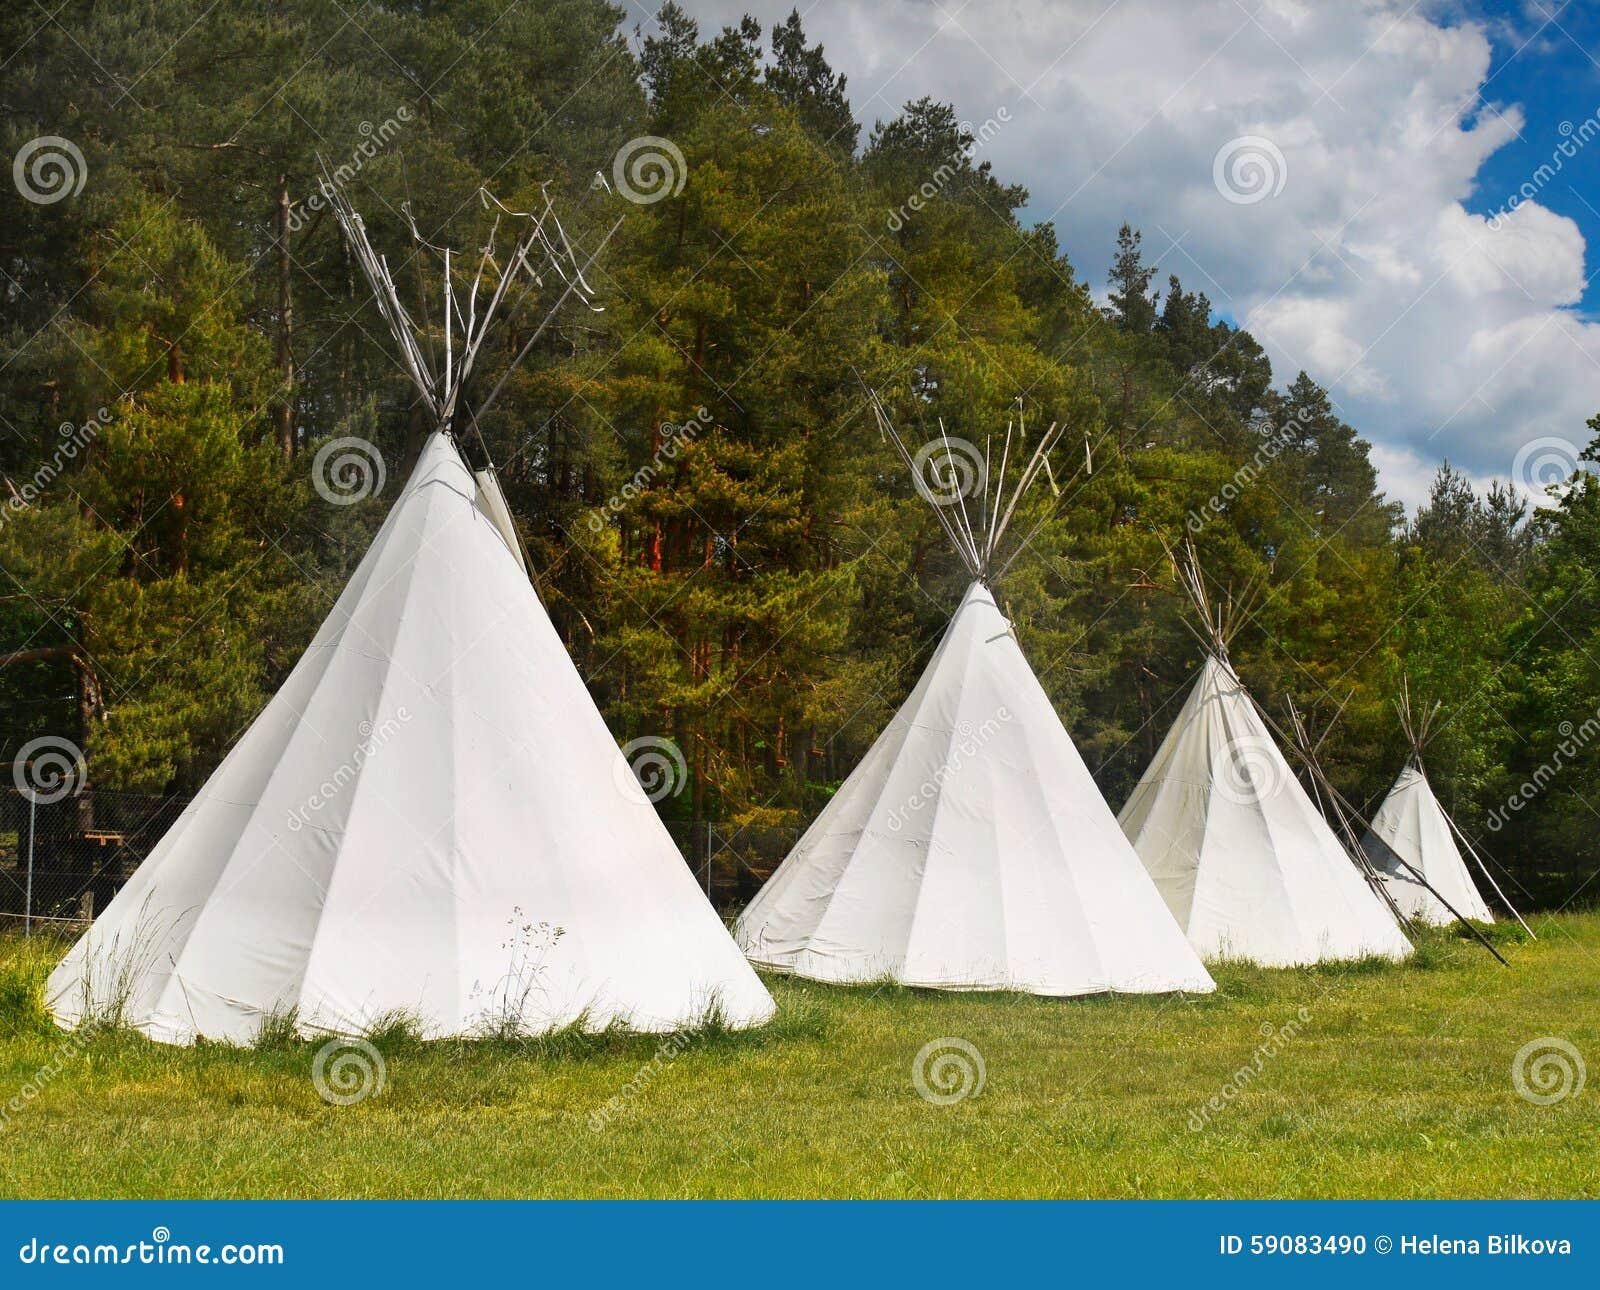 Tents at Campsite